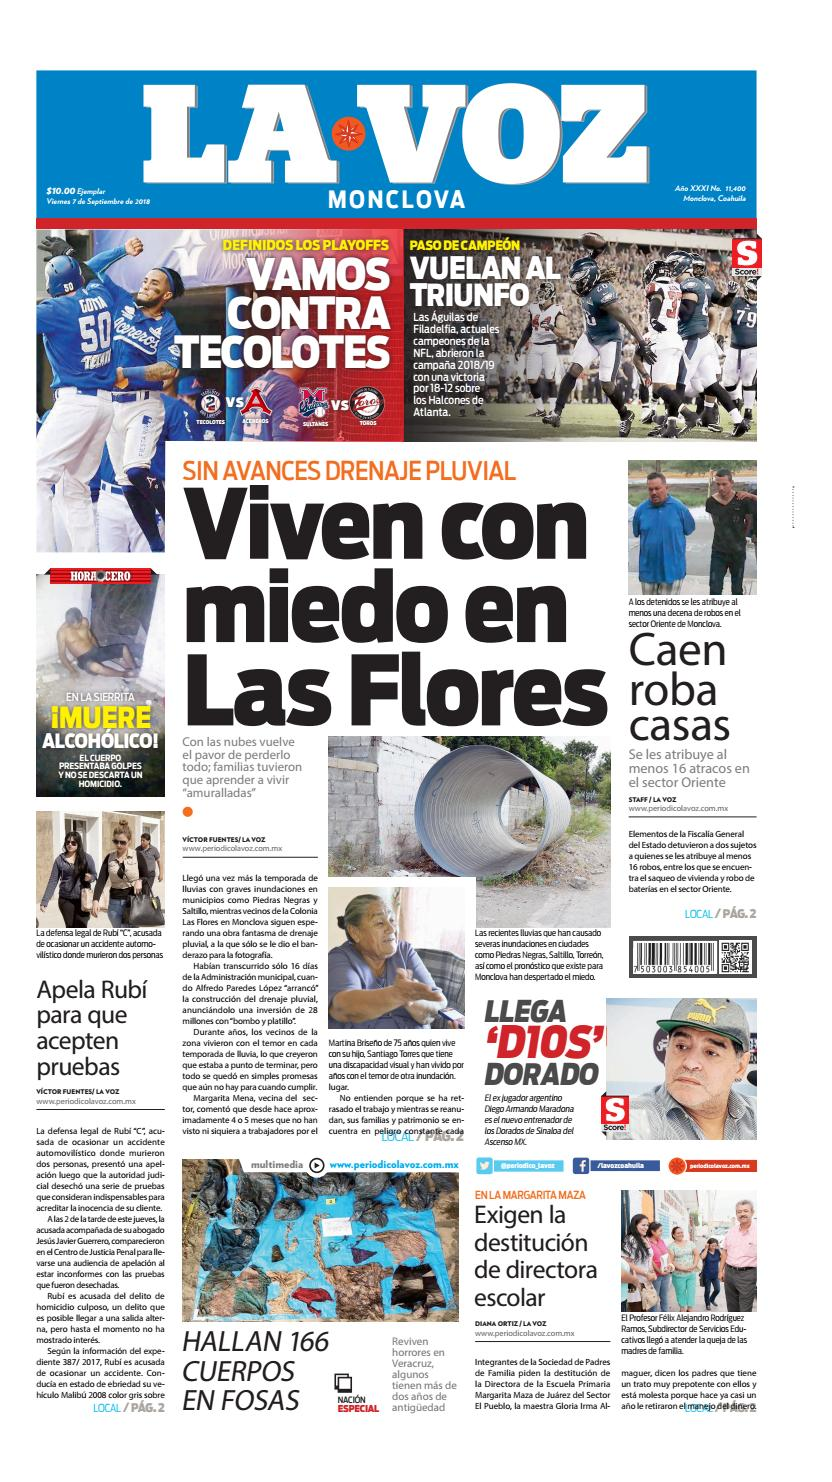 Periódico Digital 7 de Agosto 2018 by LA VOZ Monclova - issuu